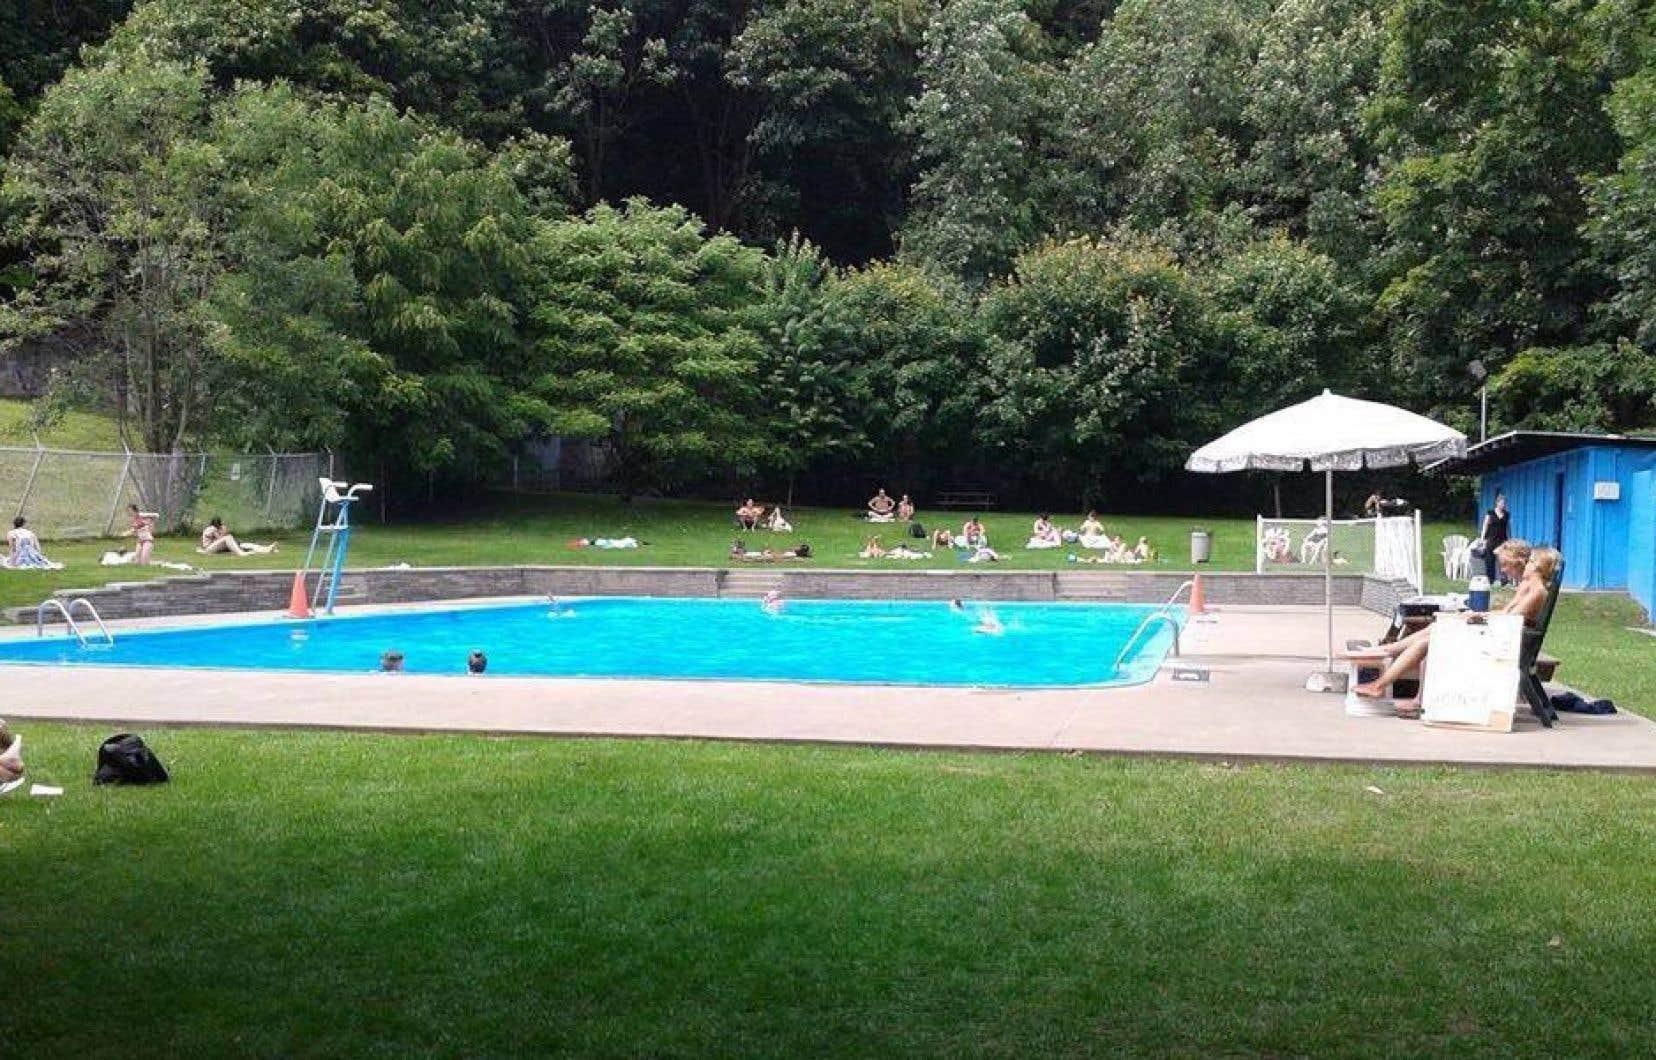 Initialement réservée aux employés et aux patients de l'hôpital, la piscine était accessible au grand public depuis une dizaine d'années. À flanc de montagne et entourée de verdure, elle était décrite comme le secret le mieux gardé à Montréal.